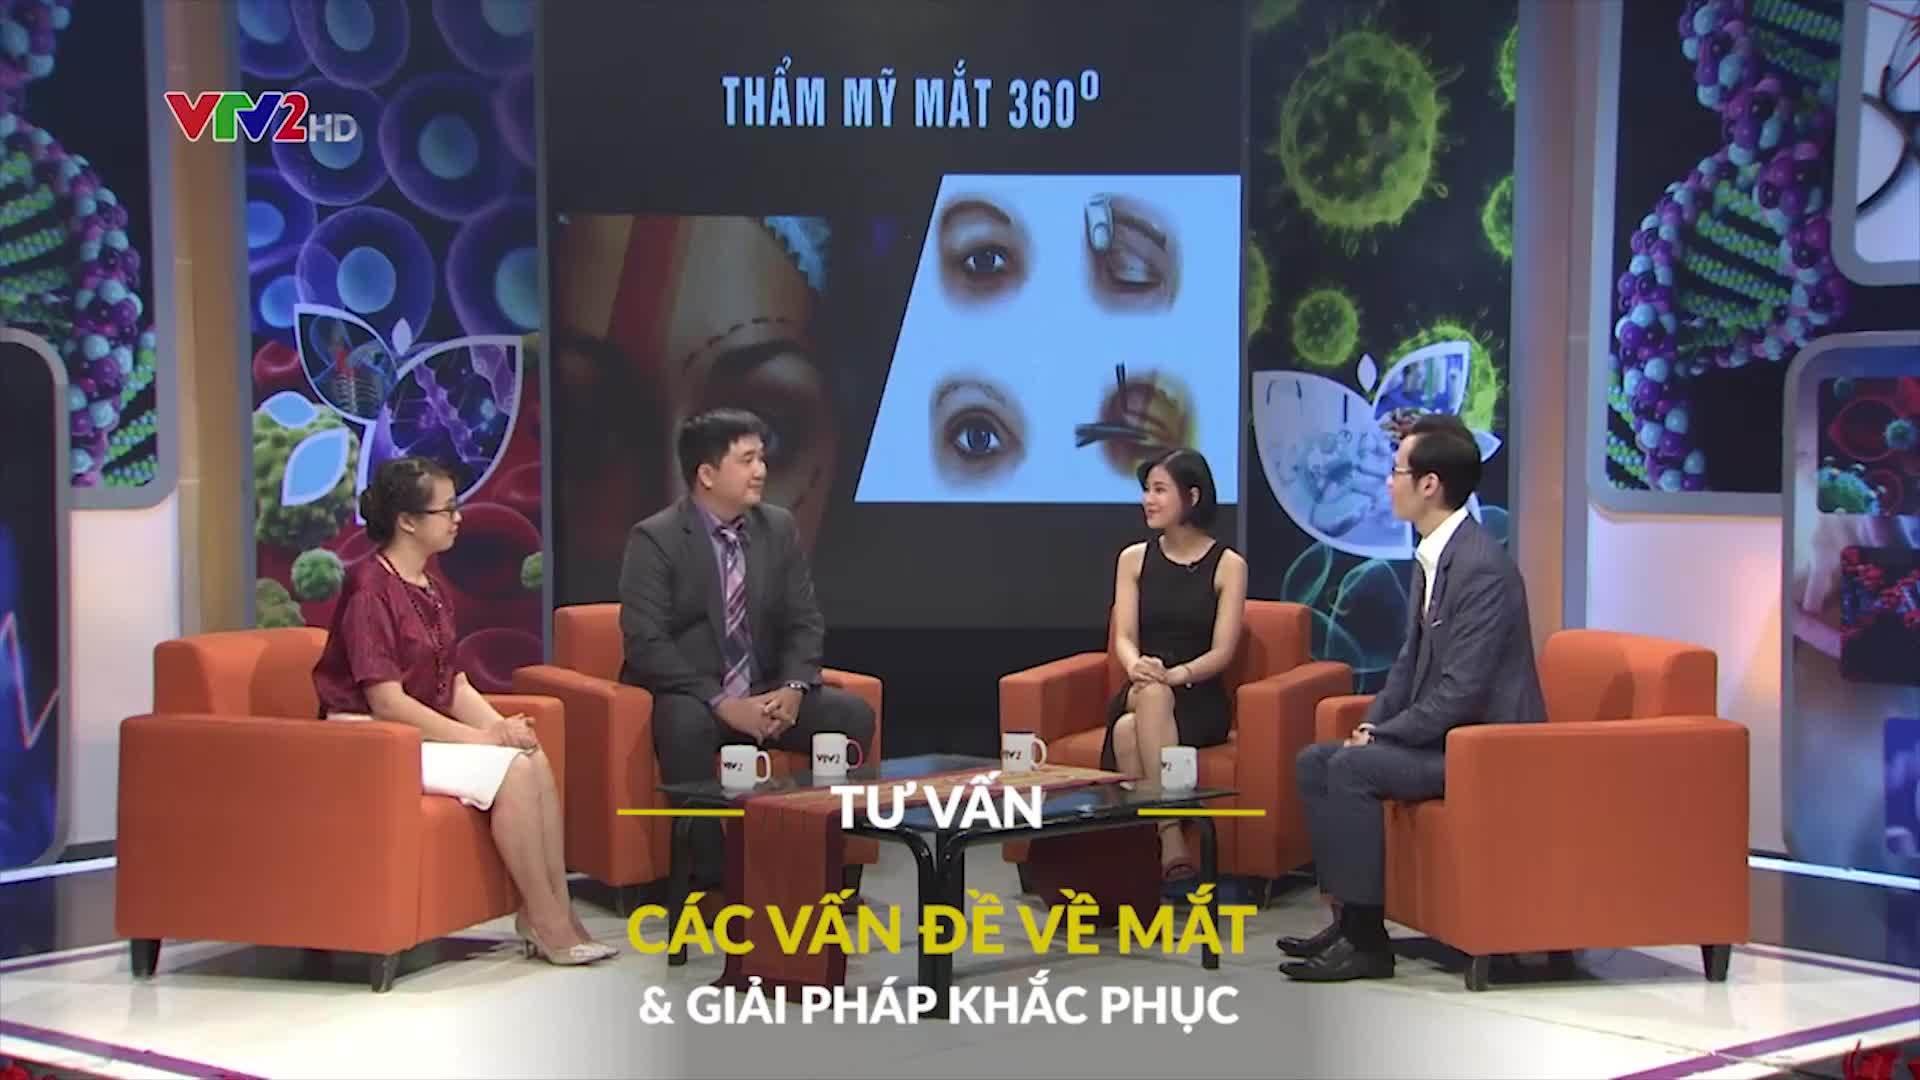 VTV2 đồng hành cùng Kangnam đưa ra giải pháp thẩm mỹ mắt an toàn